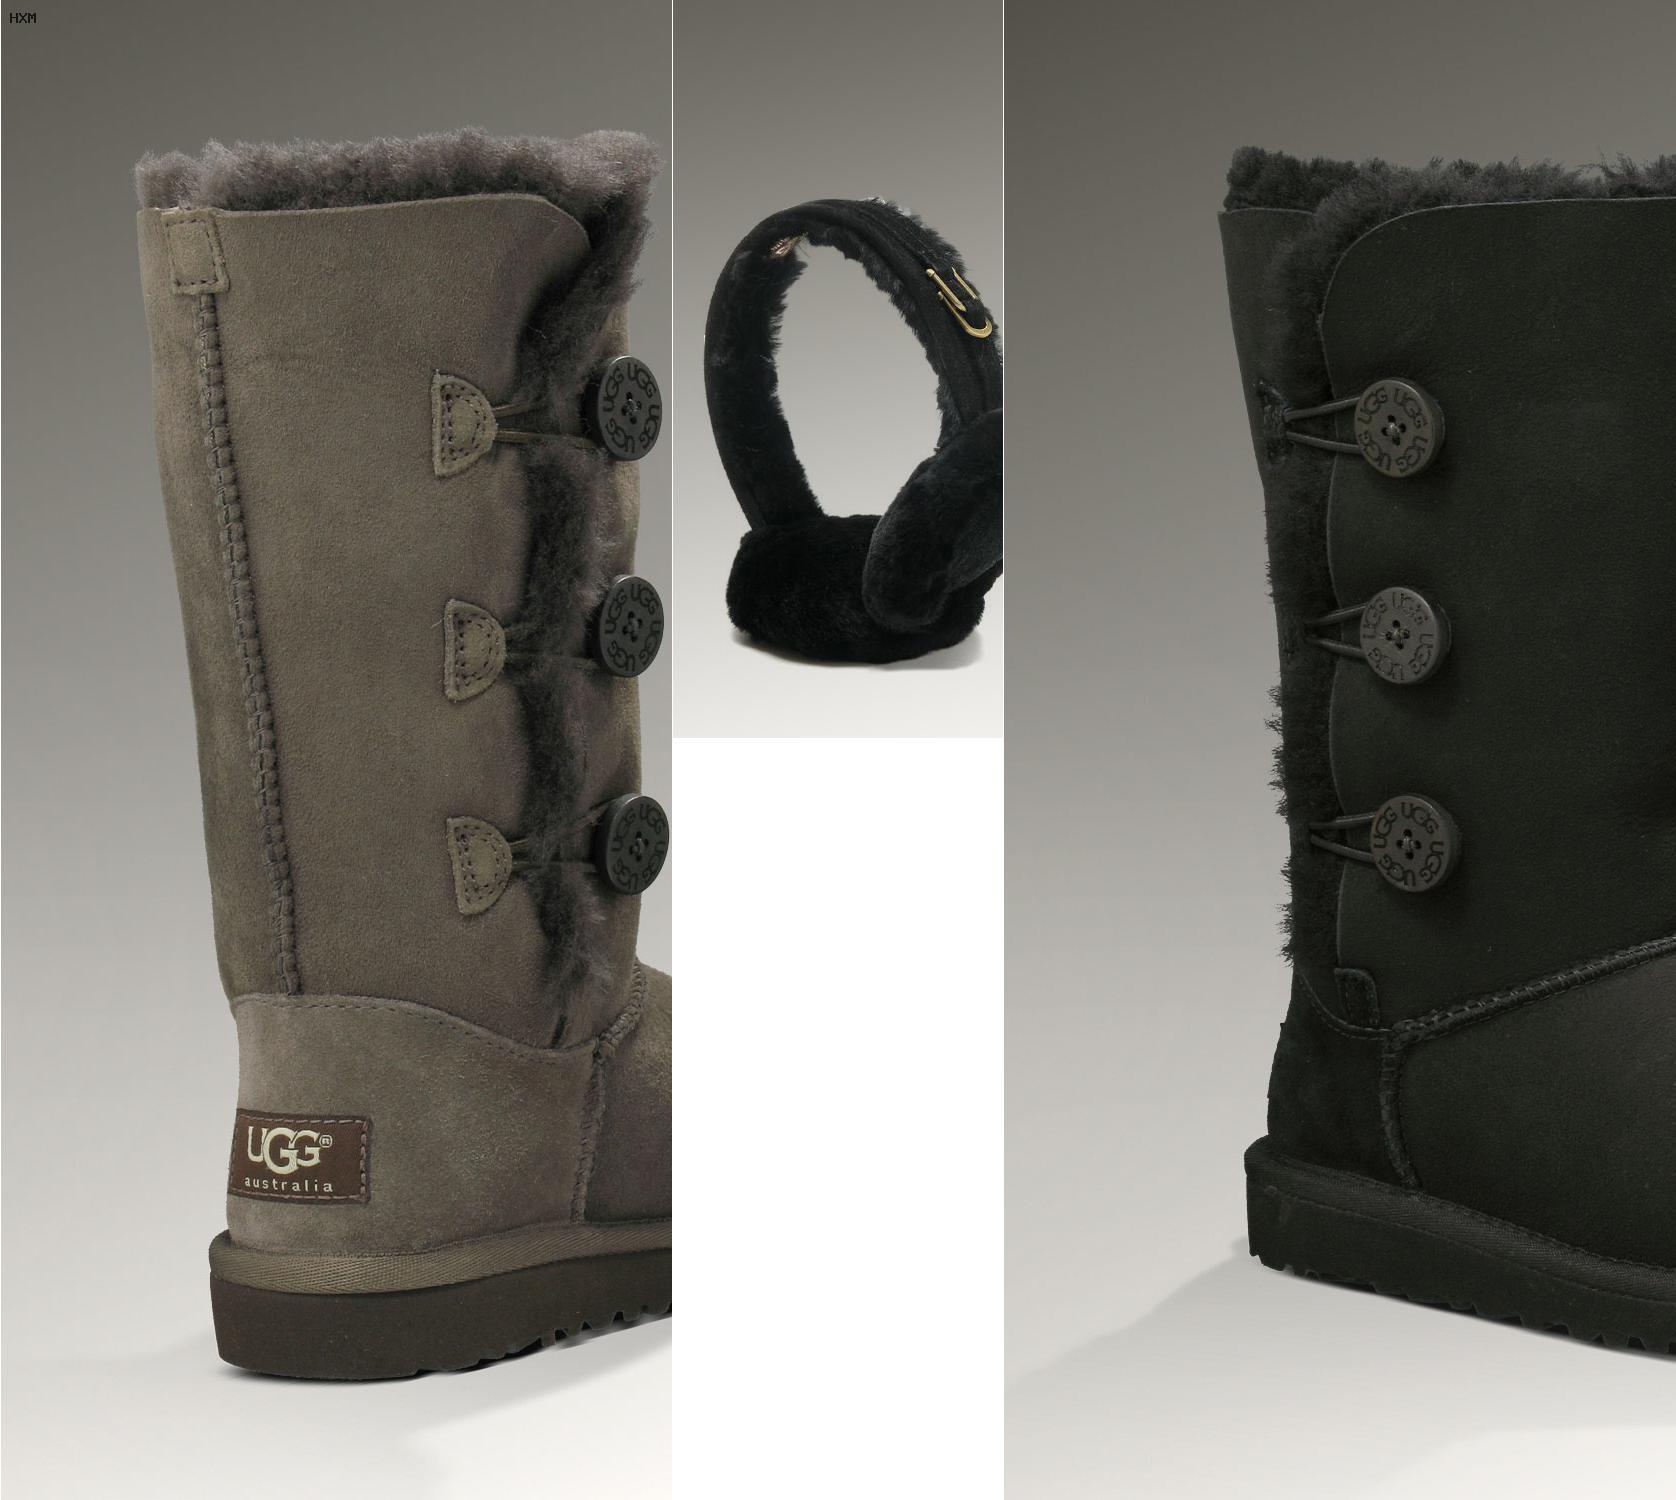 ugg boots sale online uk